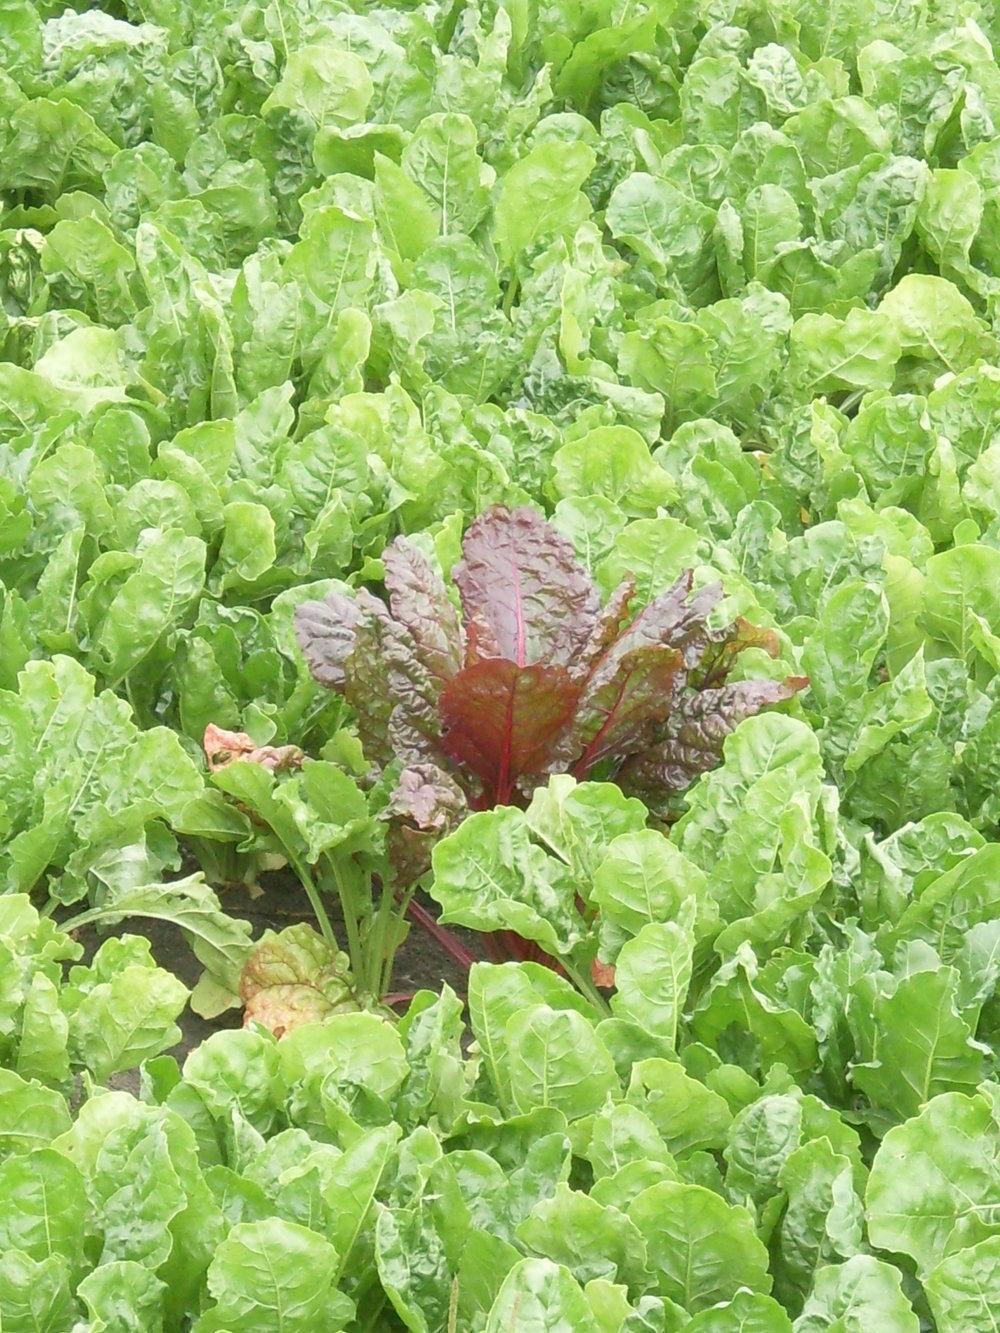 Afwijkende plant in een suikerbietenveld.